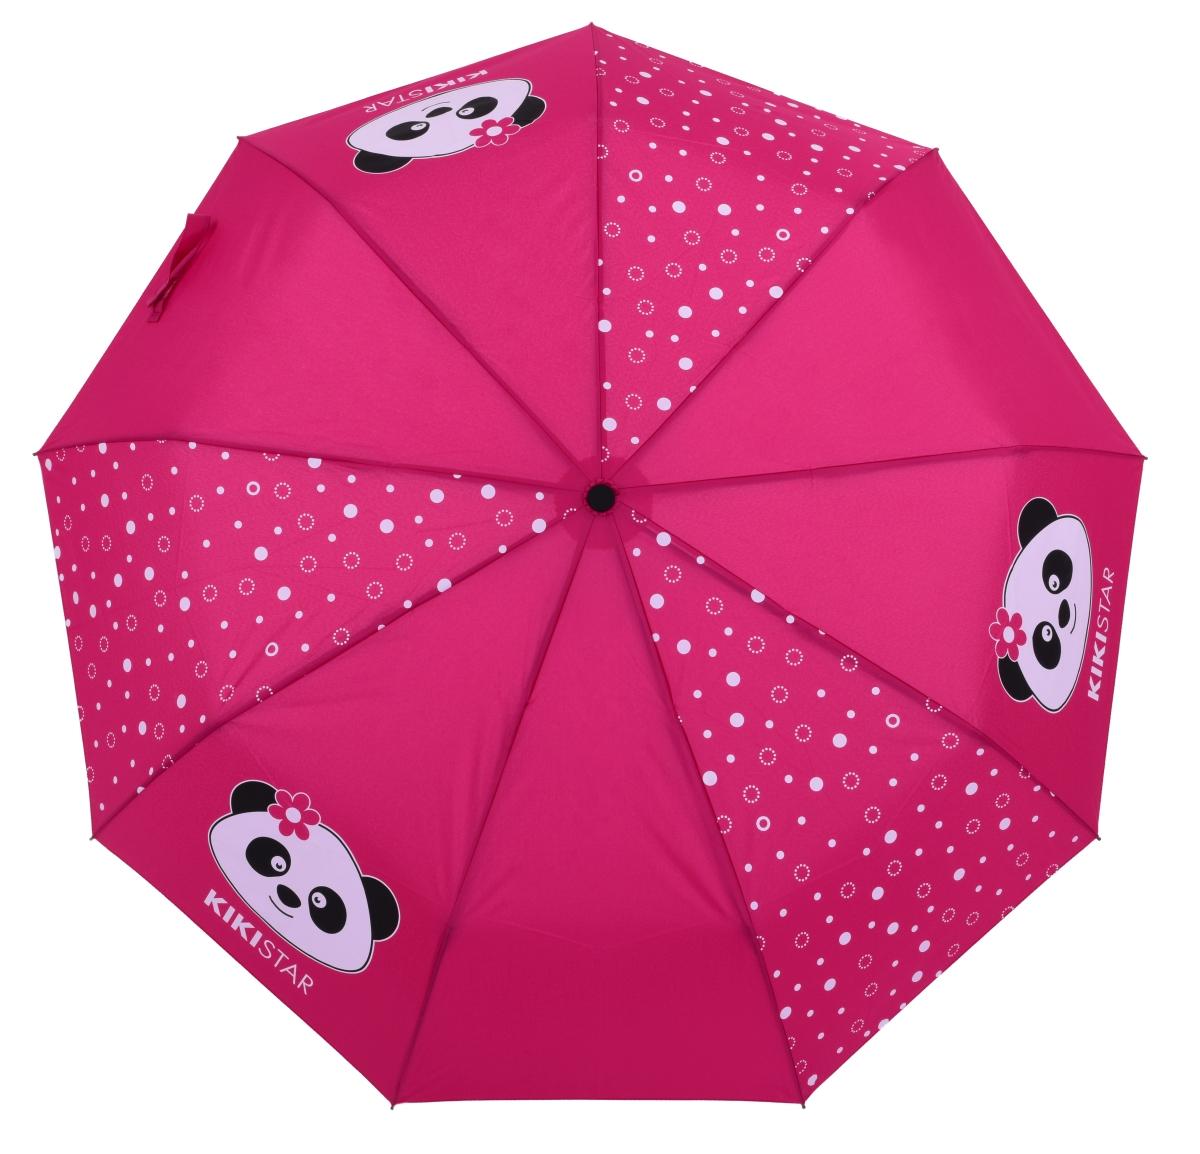 Automatický otvírací a zavírací deštník, KIKISTAR®